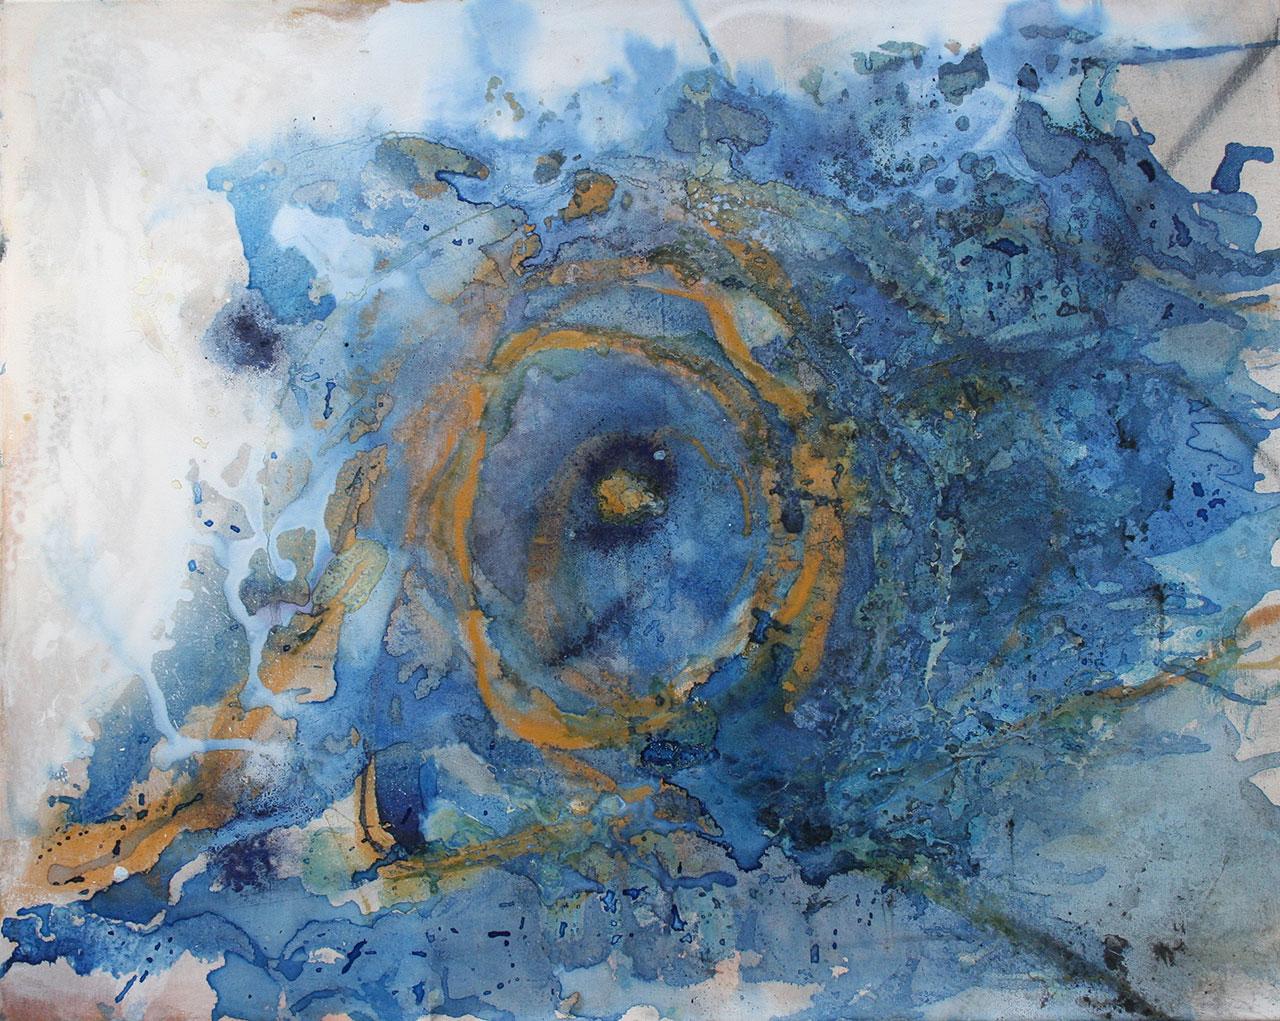 Anfang, Mischtechnik auf Leinwand, 2015, 80x80